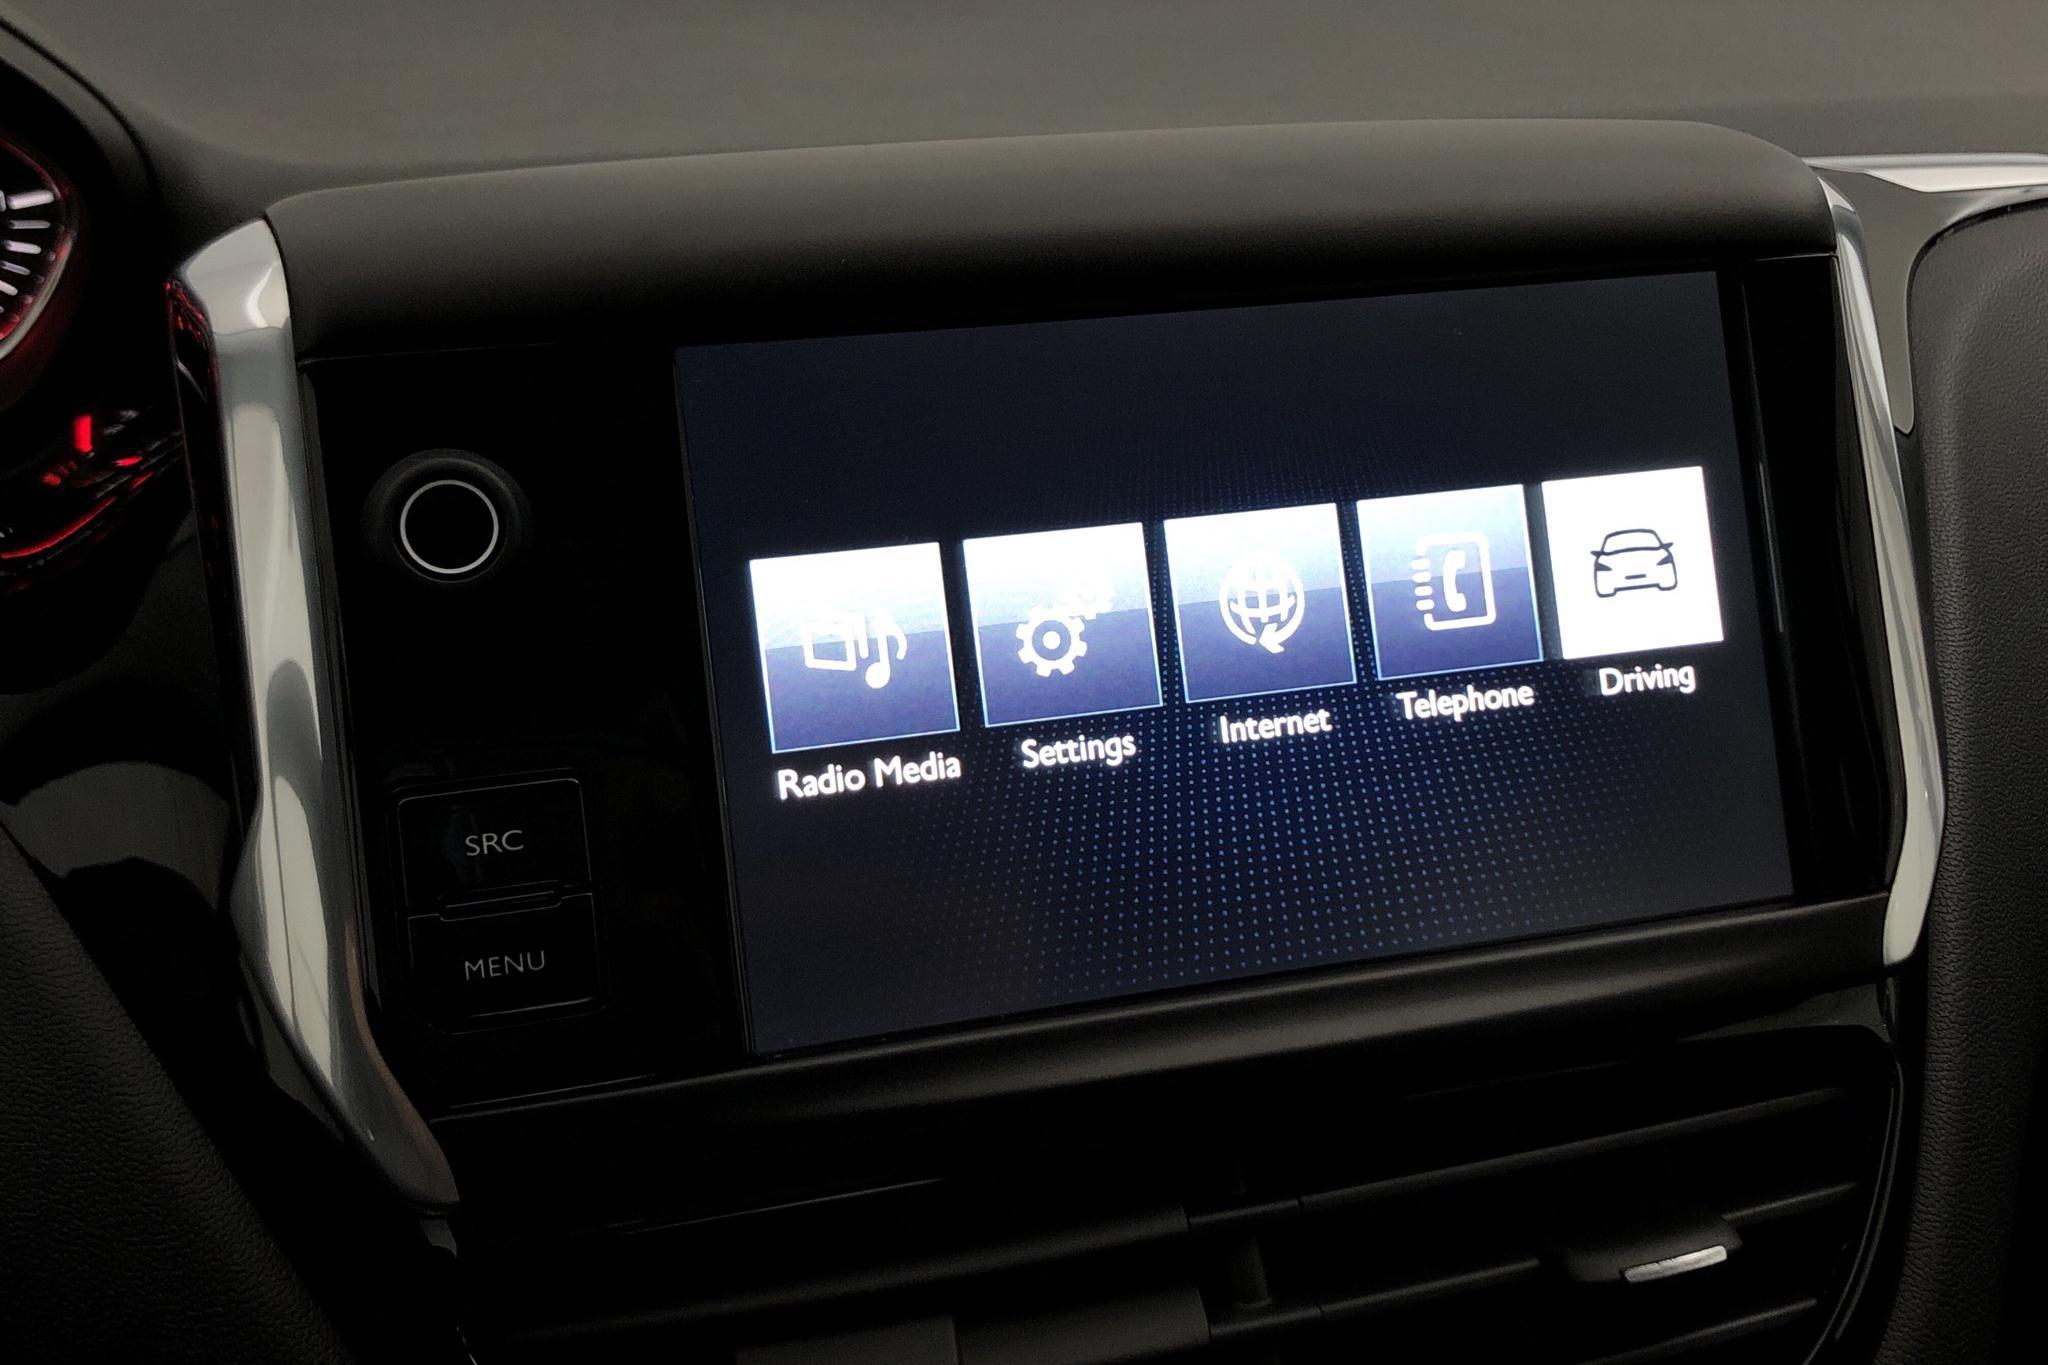 Peugeot 208 1.2 VTi 5dr (82hk) - 68 830 km - Manual - black - 2015